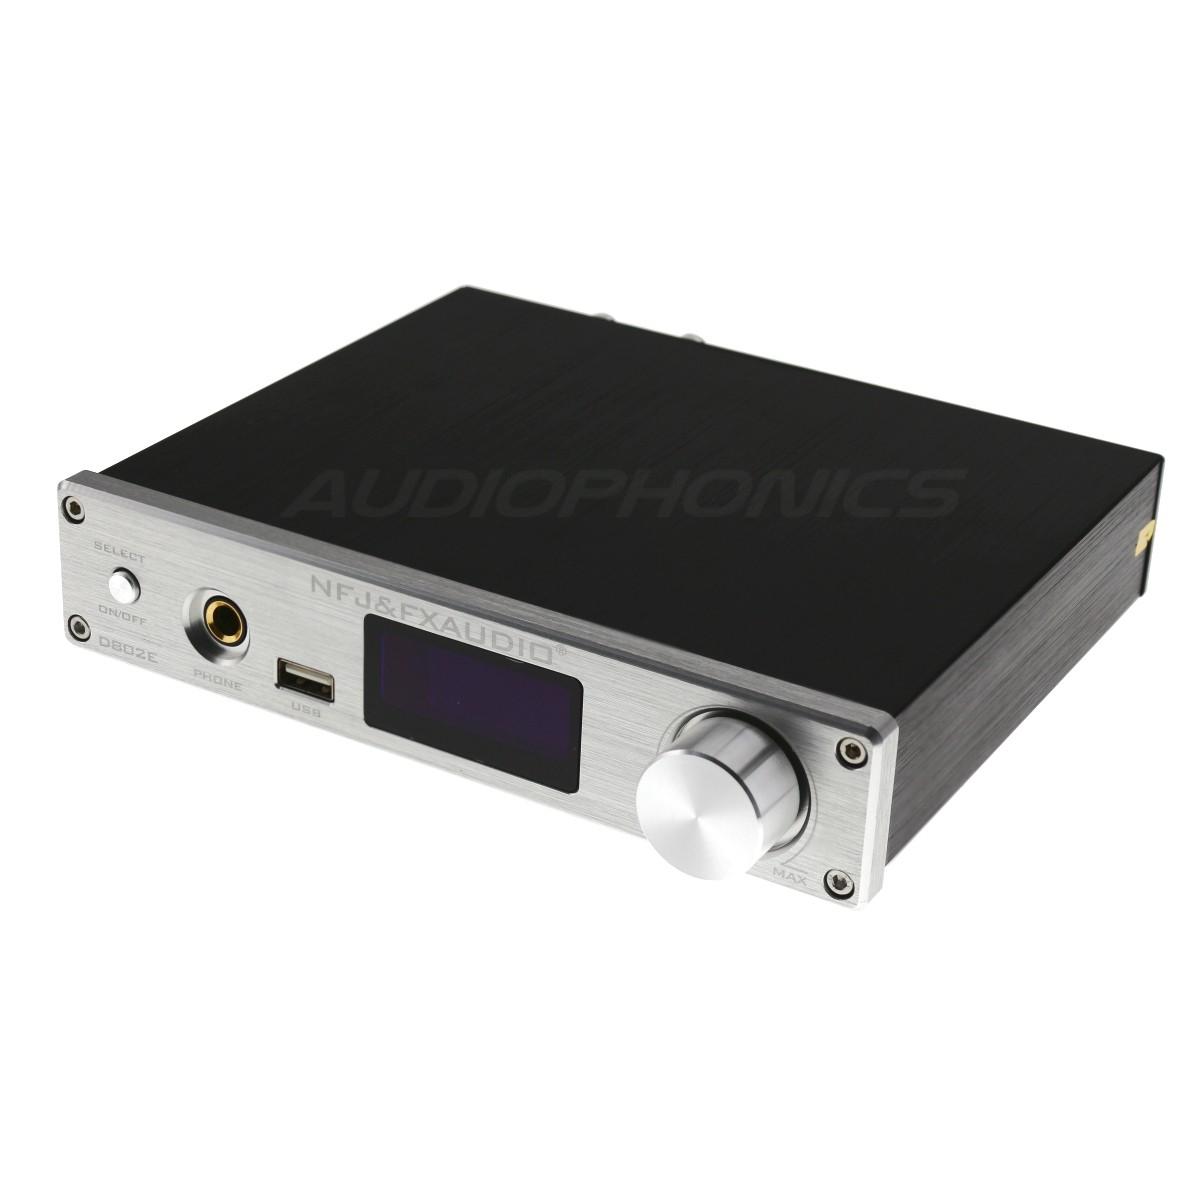 FX-AUDIO D802E Amplificateur FDA STA326 Lecteur réseau WiFi DLNA Bluetooth 5.0 Multiroom 2x40W / 8 Ohm Argent